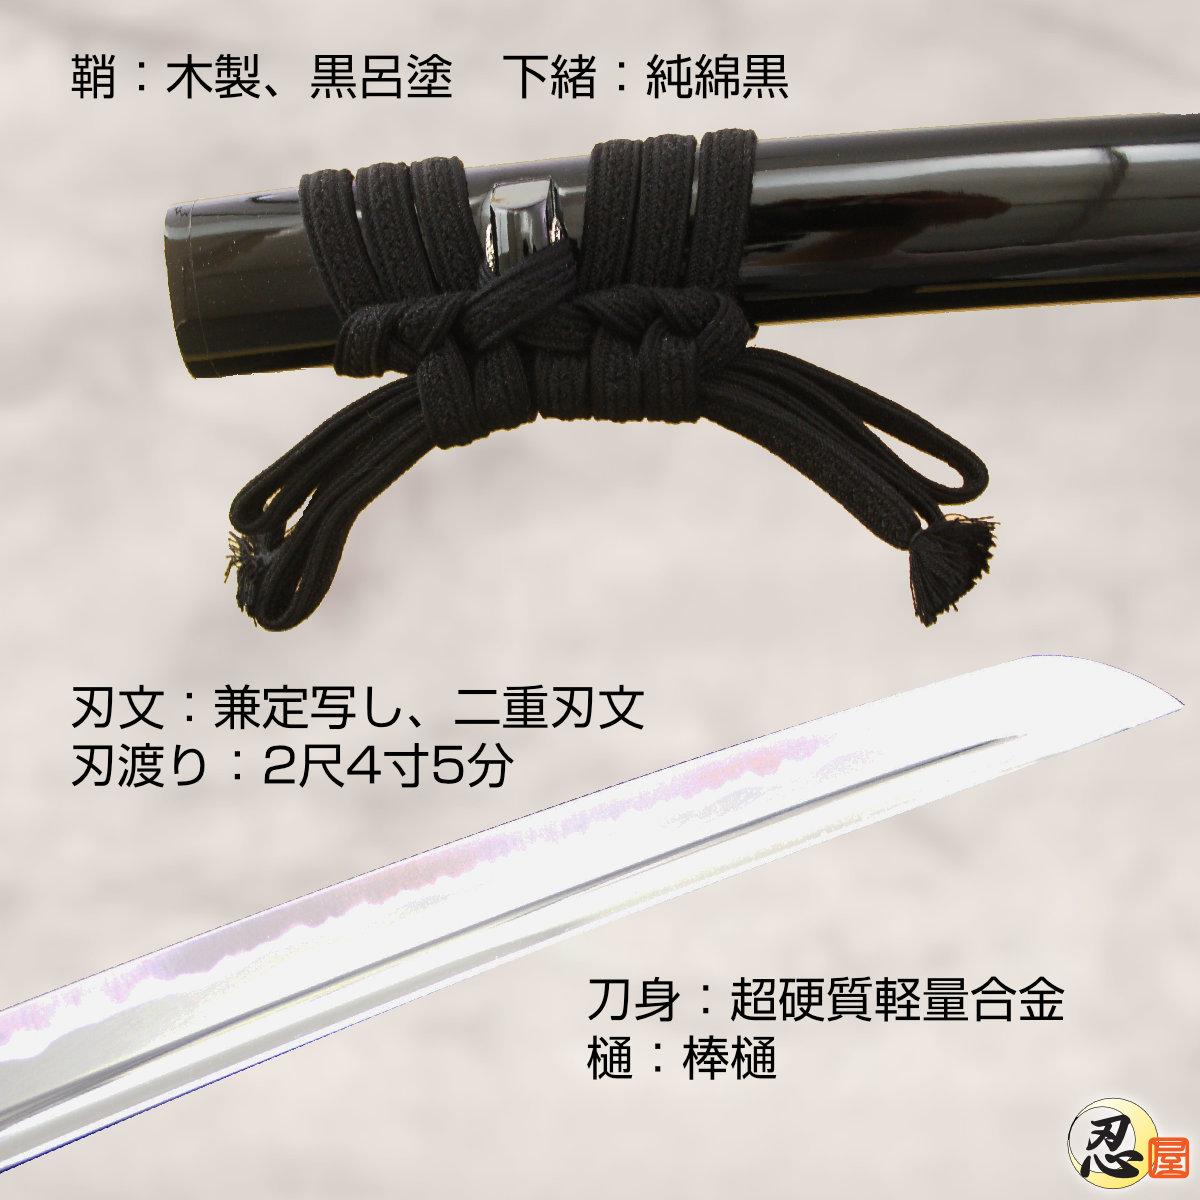 高級居合刀 九字兼定DX -梵字拵- しのびや特製刀剣証明書・クリーニングクロス・刀袋セット